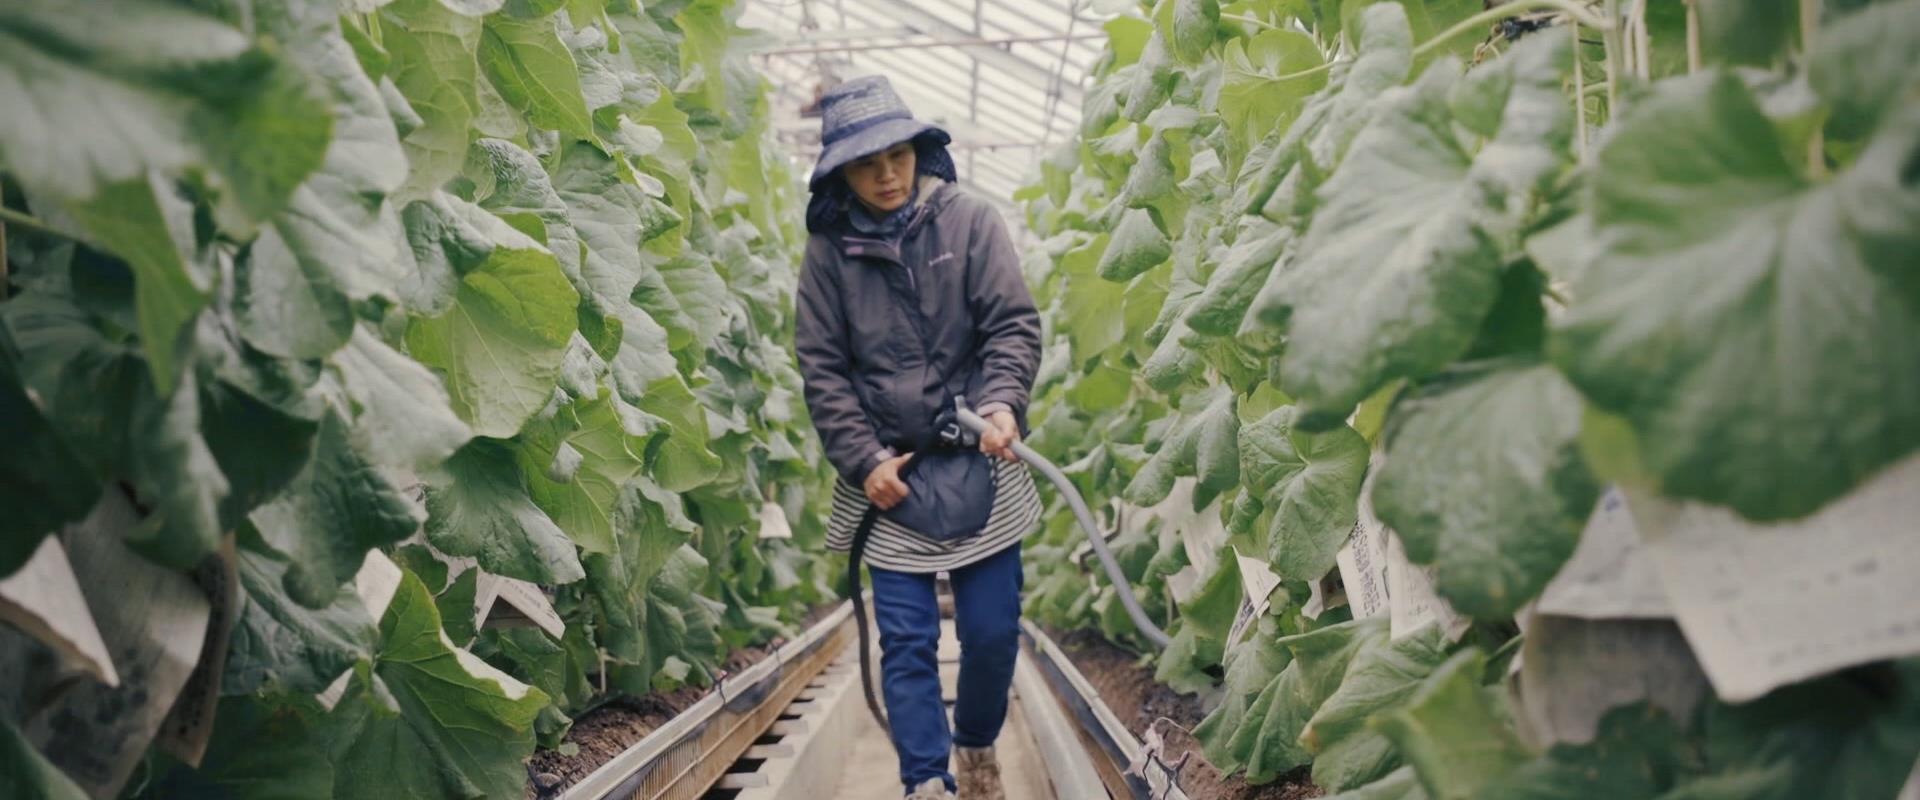 יפן למתקדמים | פרק 2 - חיים כדי לעבוד